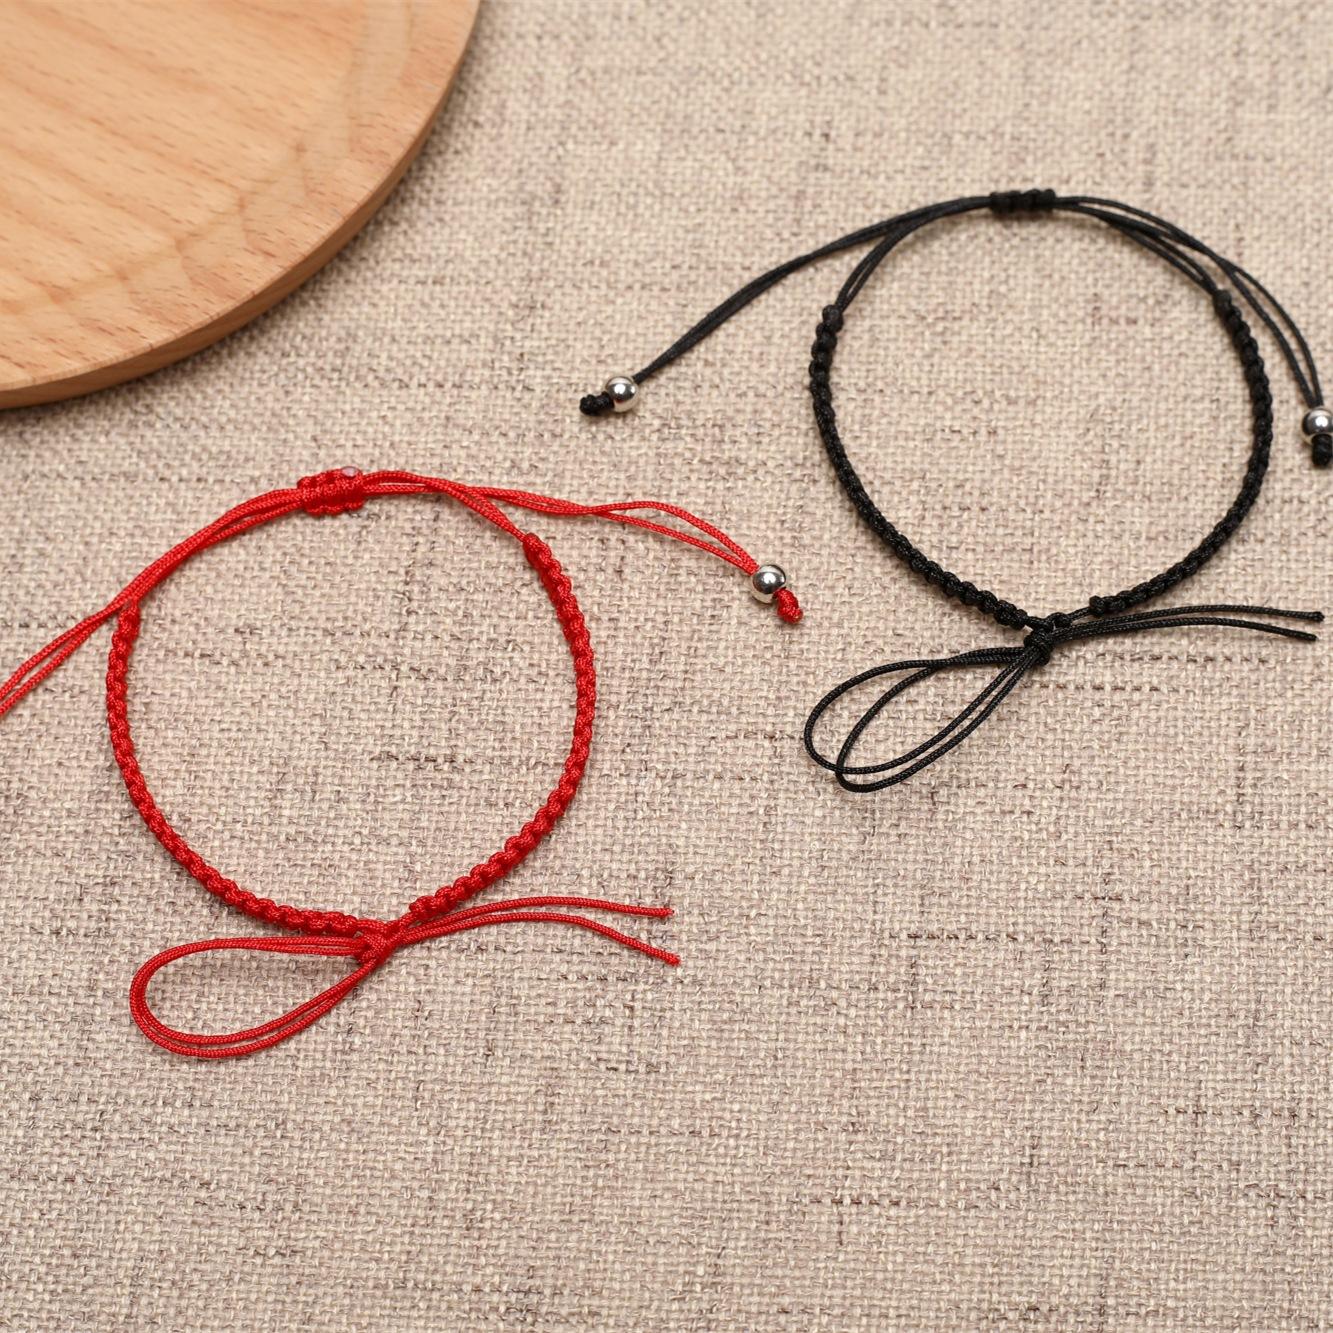 30手绳手链半成品可直接穿珠穿吊坠diy绳编配件手工专用饰品